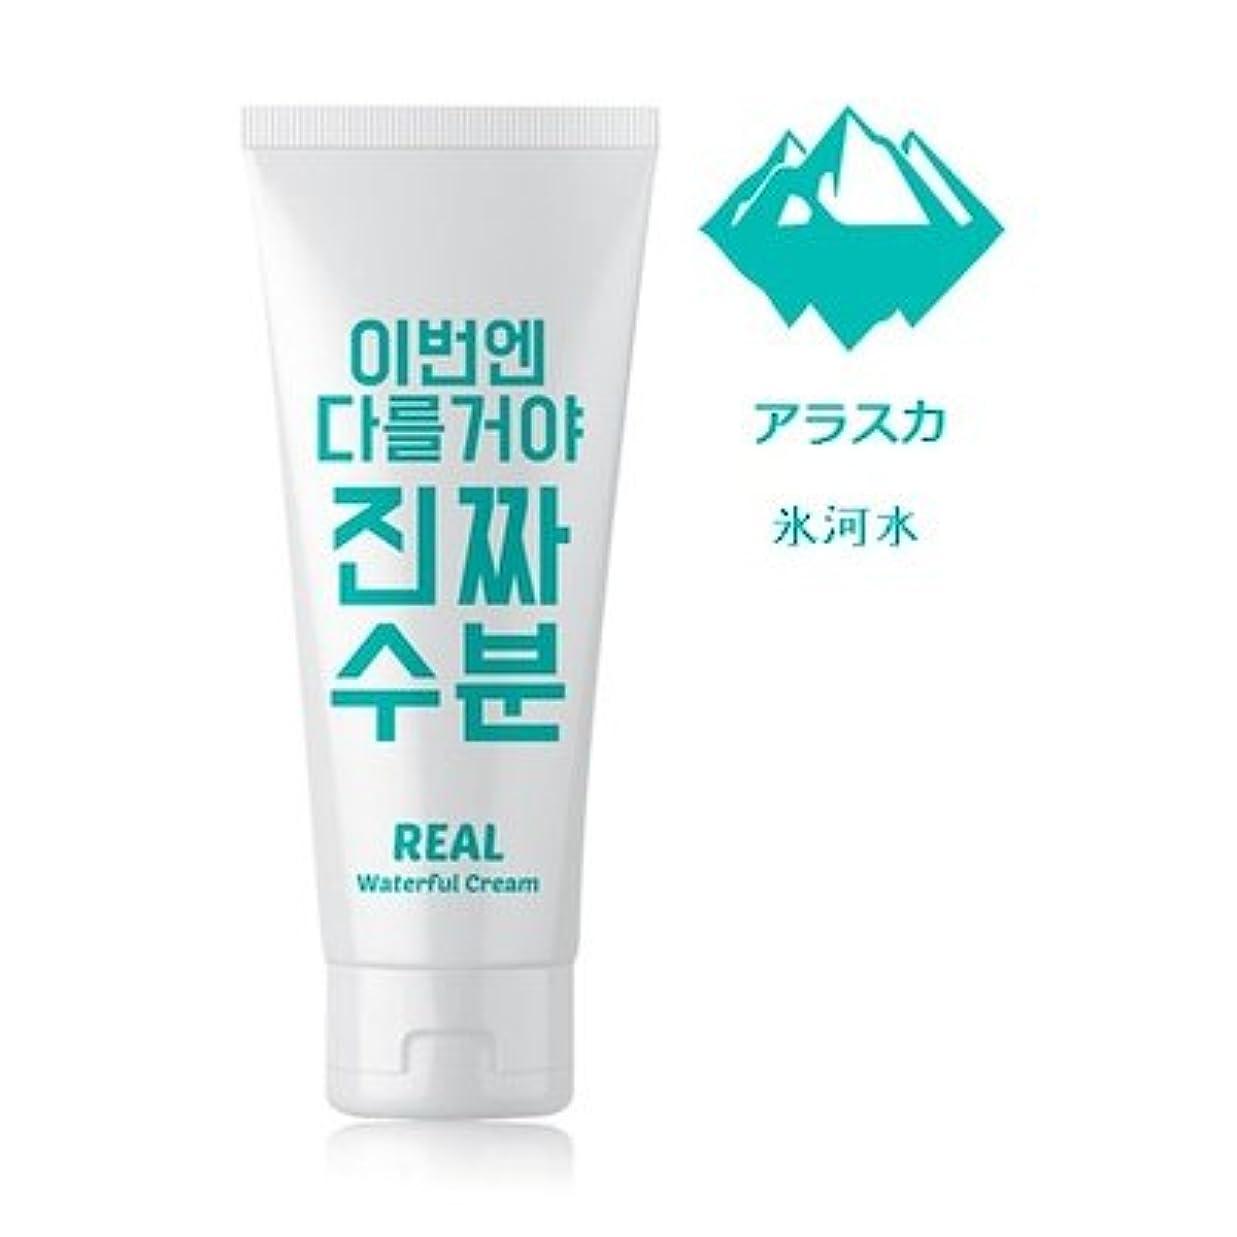 観察証人あいにくJaminkyung Real Waterful Cream/孜民耕 [ジャミンギョン] 今度は違うぞ本当の水分クリーム 200ml [並行輸入品]